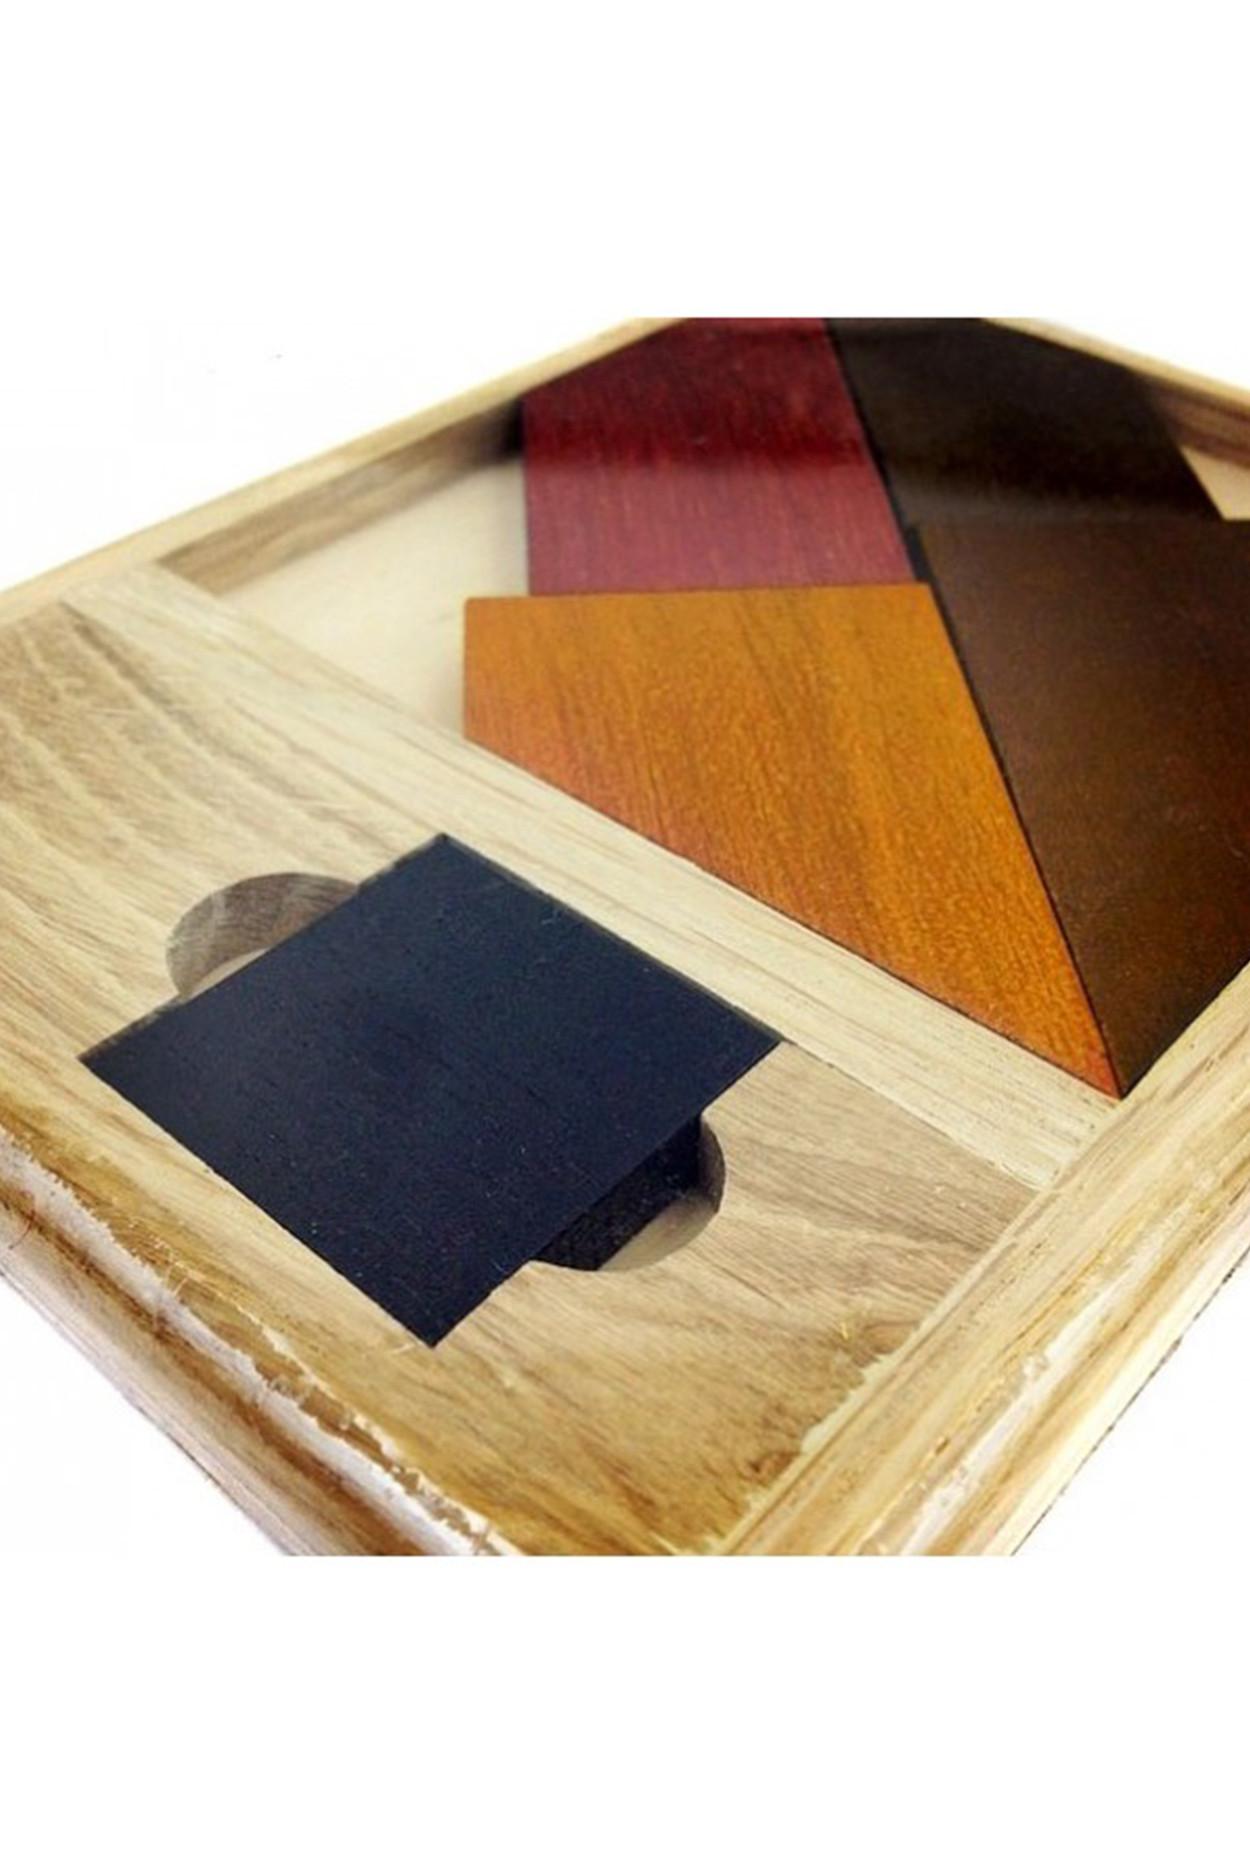 Головоломка деревянная «Черный квадрат» №2 Элит